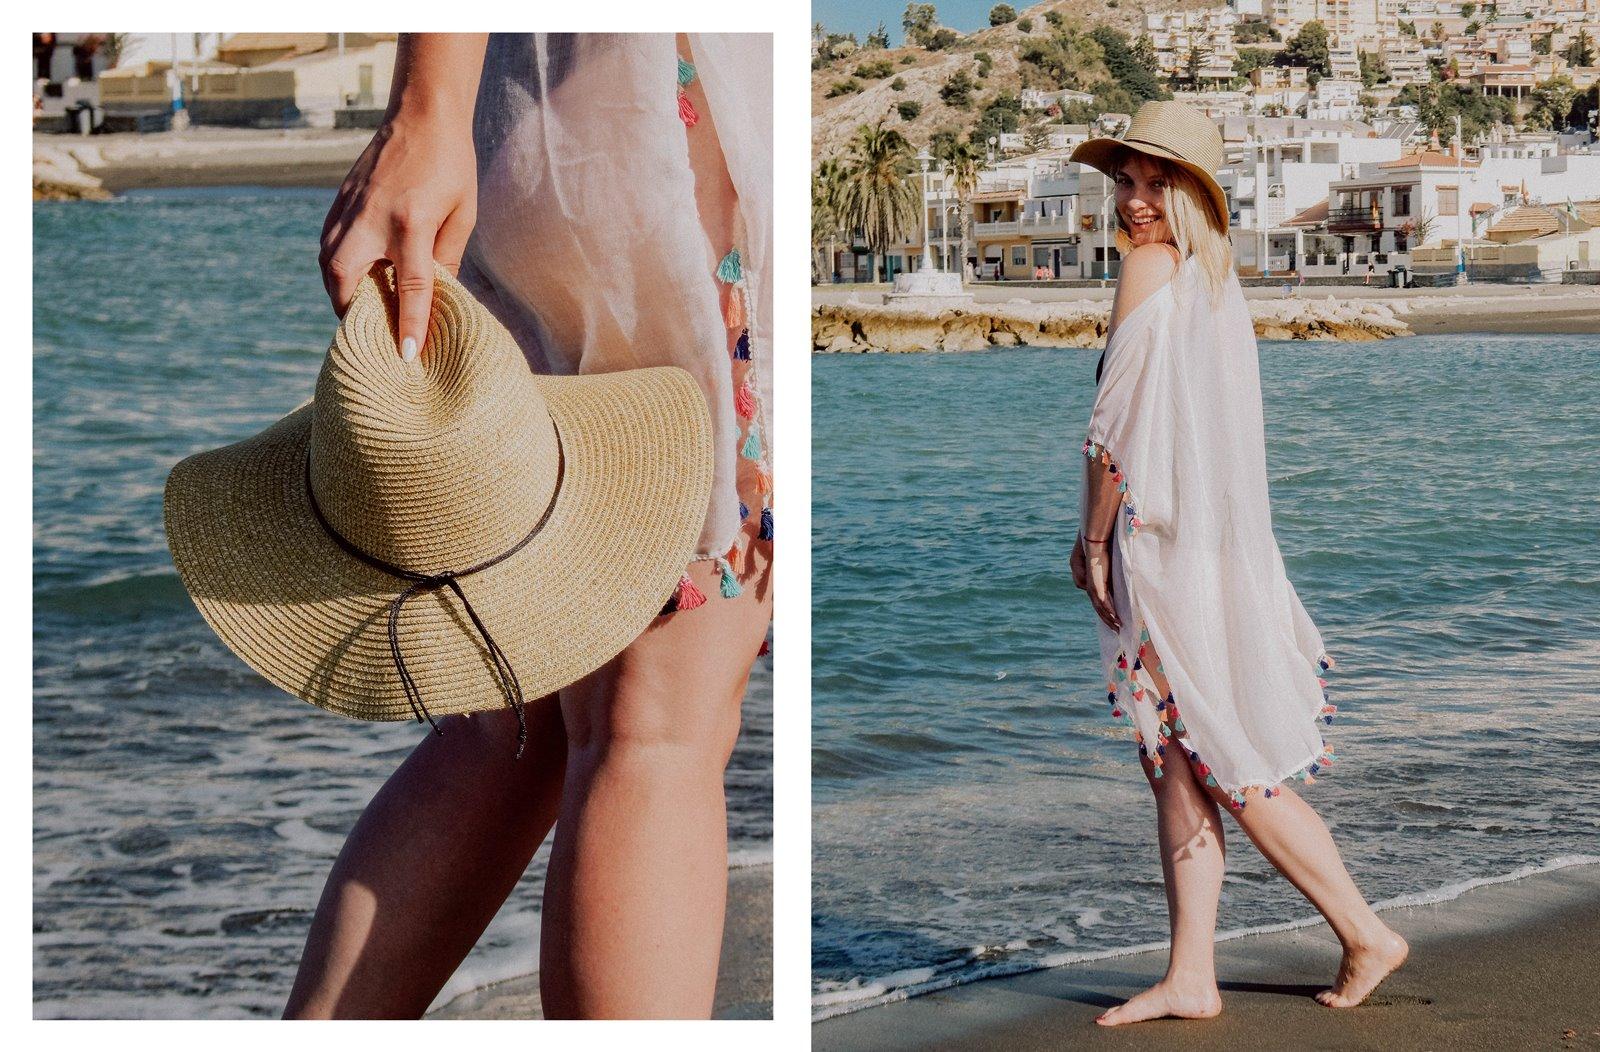 5A szaleo wakacje w maladze malaga jak spędzić wakacje co zobaczyć stylizacja na plaże pareo składany kapelusz słomkowy modne dodatki na wakacje na plażę z frędzlami z pomponami hiszpania polski kraj język ceny outfit